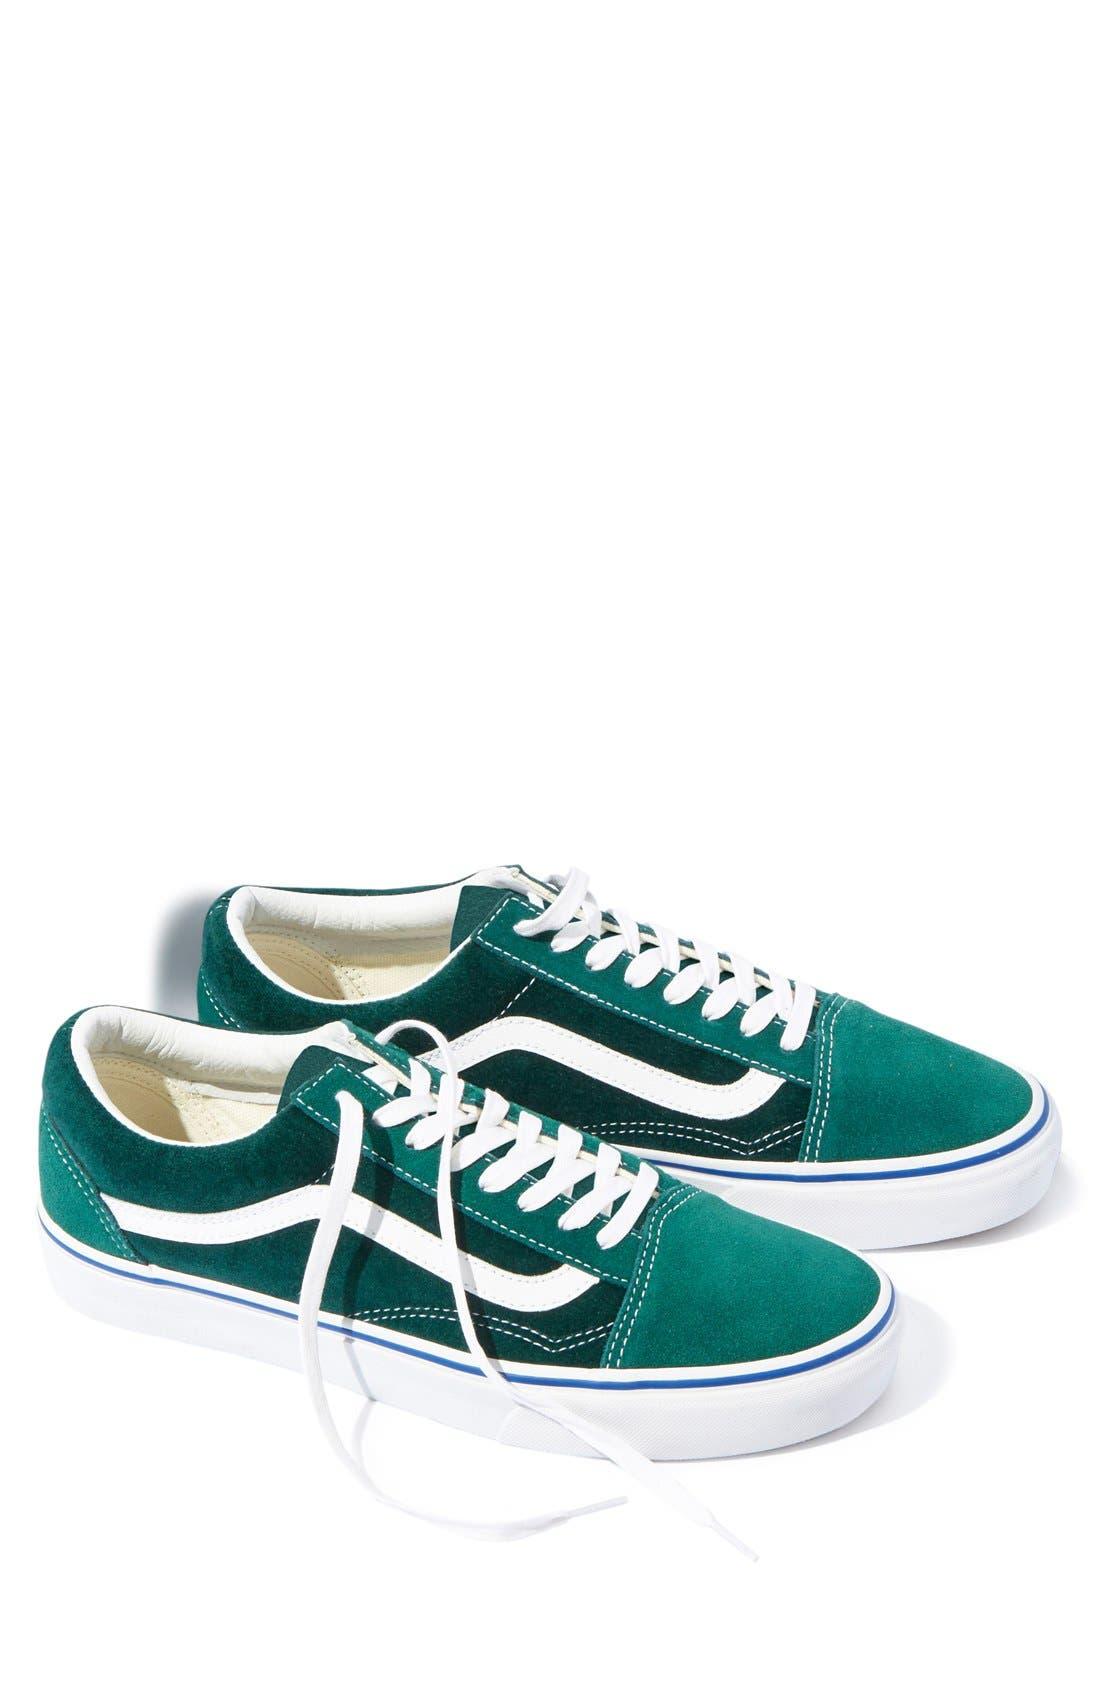 Alternate Image 1 Selected - Vans 'Old Skool' Velvet Sneaker (Men) (Nordstrom Exclusive)